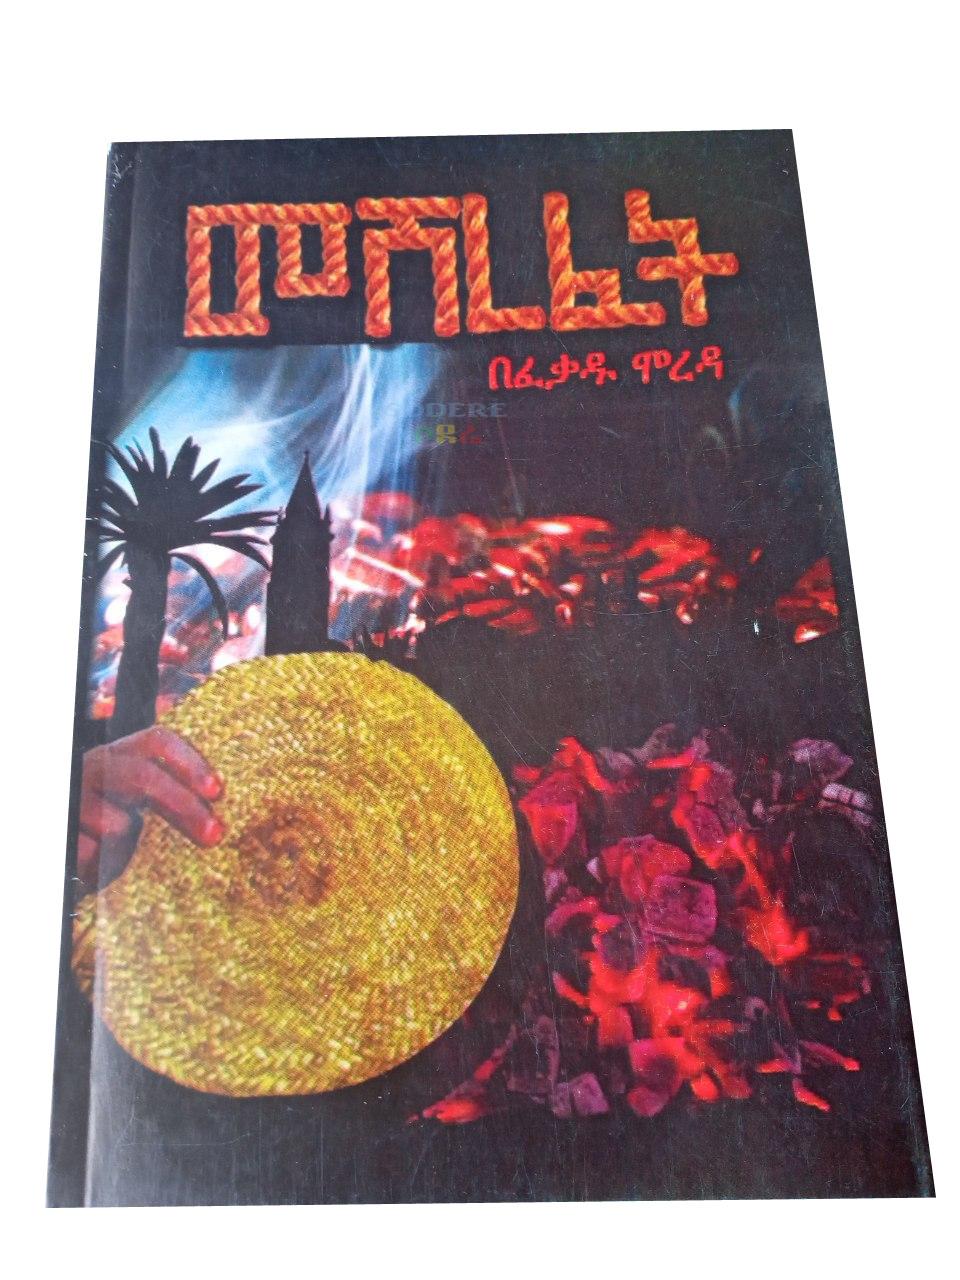 መሽረፈት Meshrefet By Fekadu Moreda